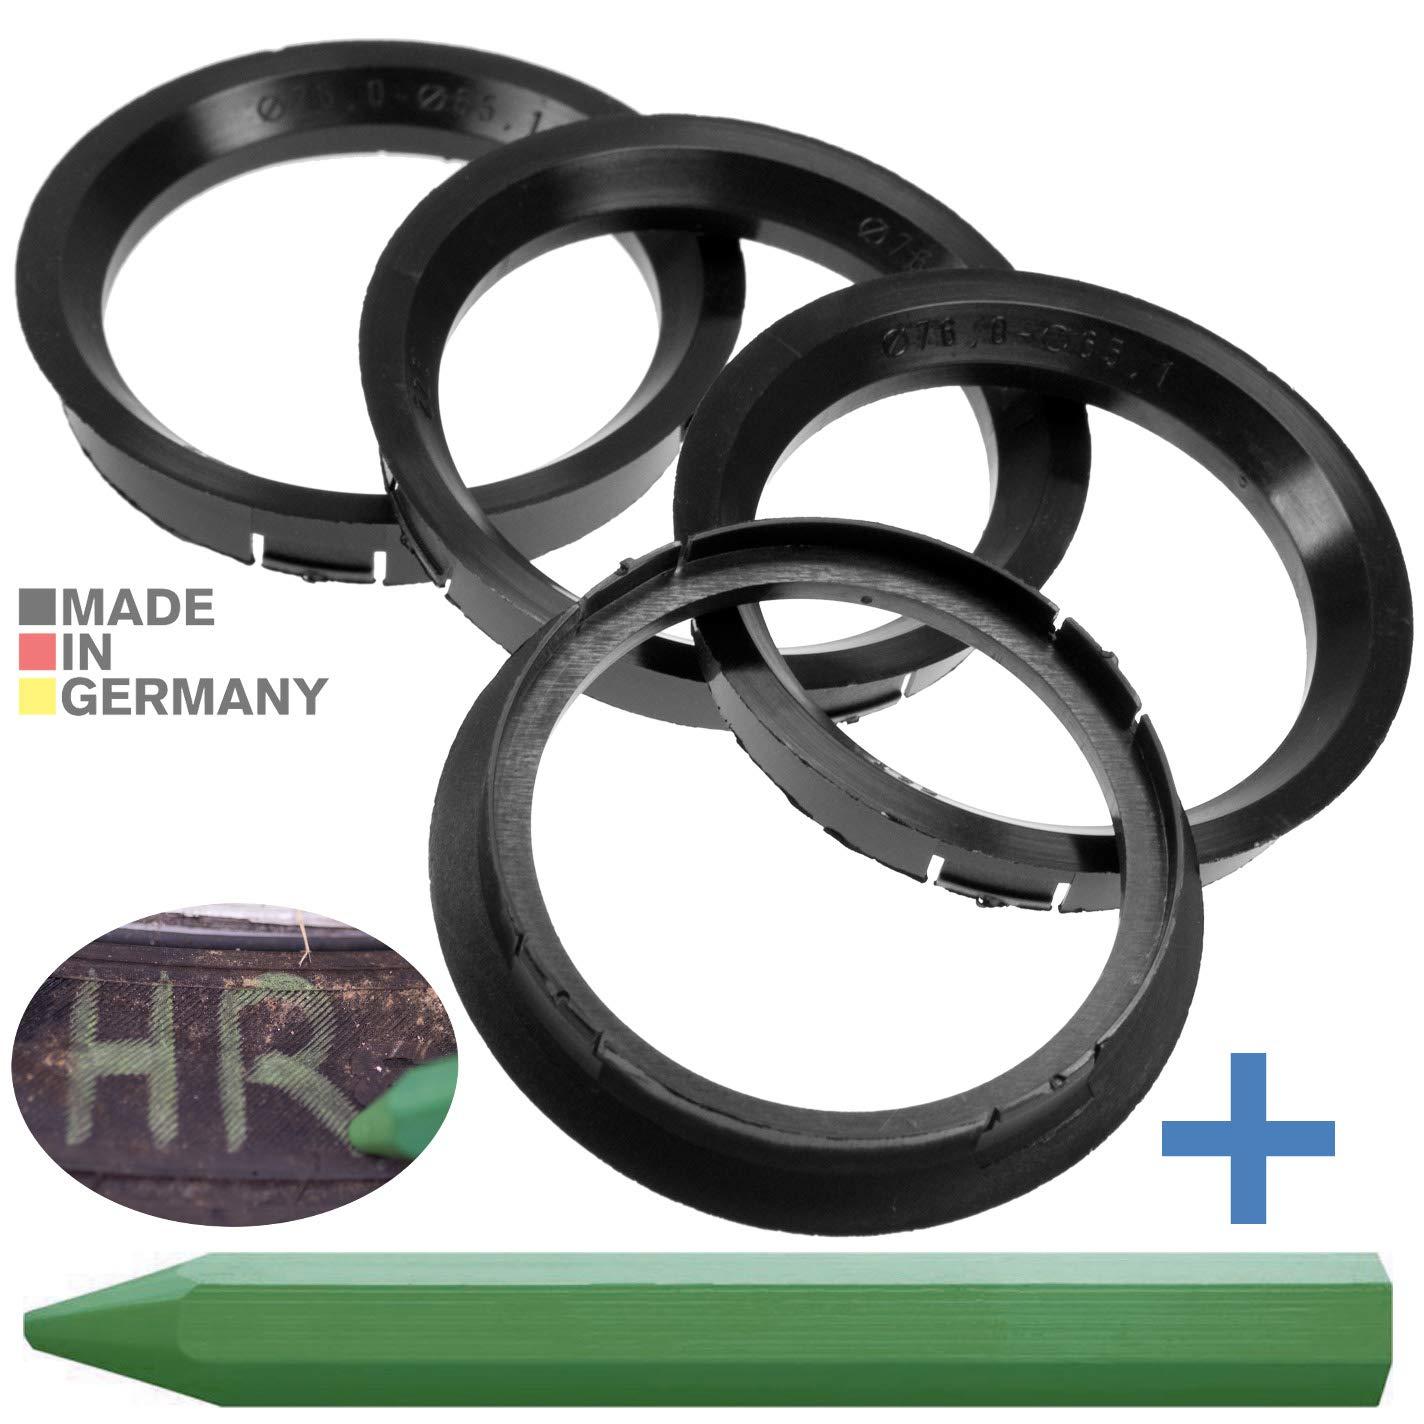 CRK 4X Zentrierringe 76,0 x 65,1 mm schwarz Felgen Ringe Made in Germany